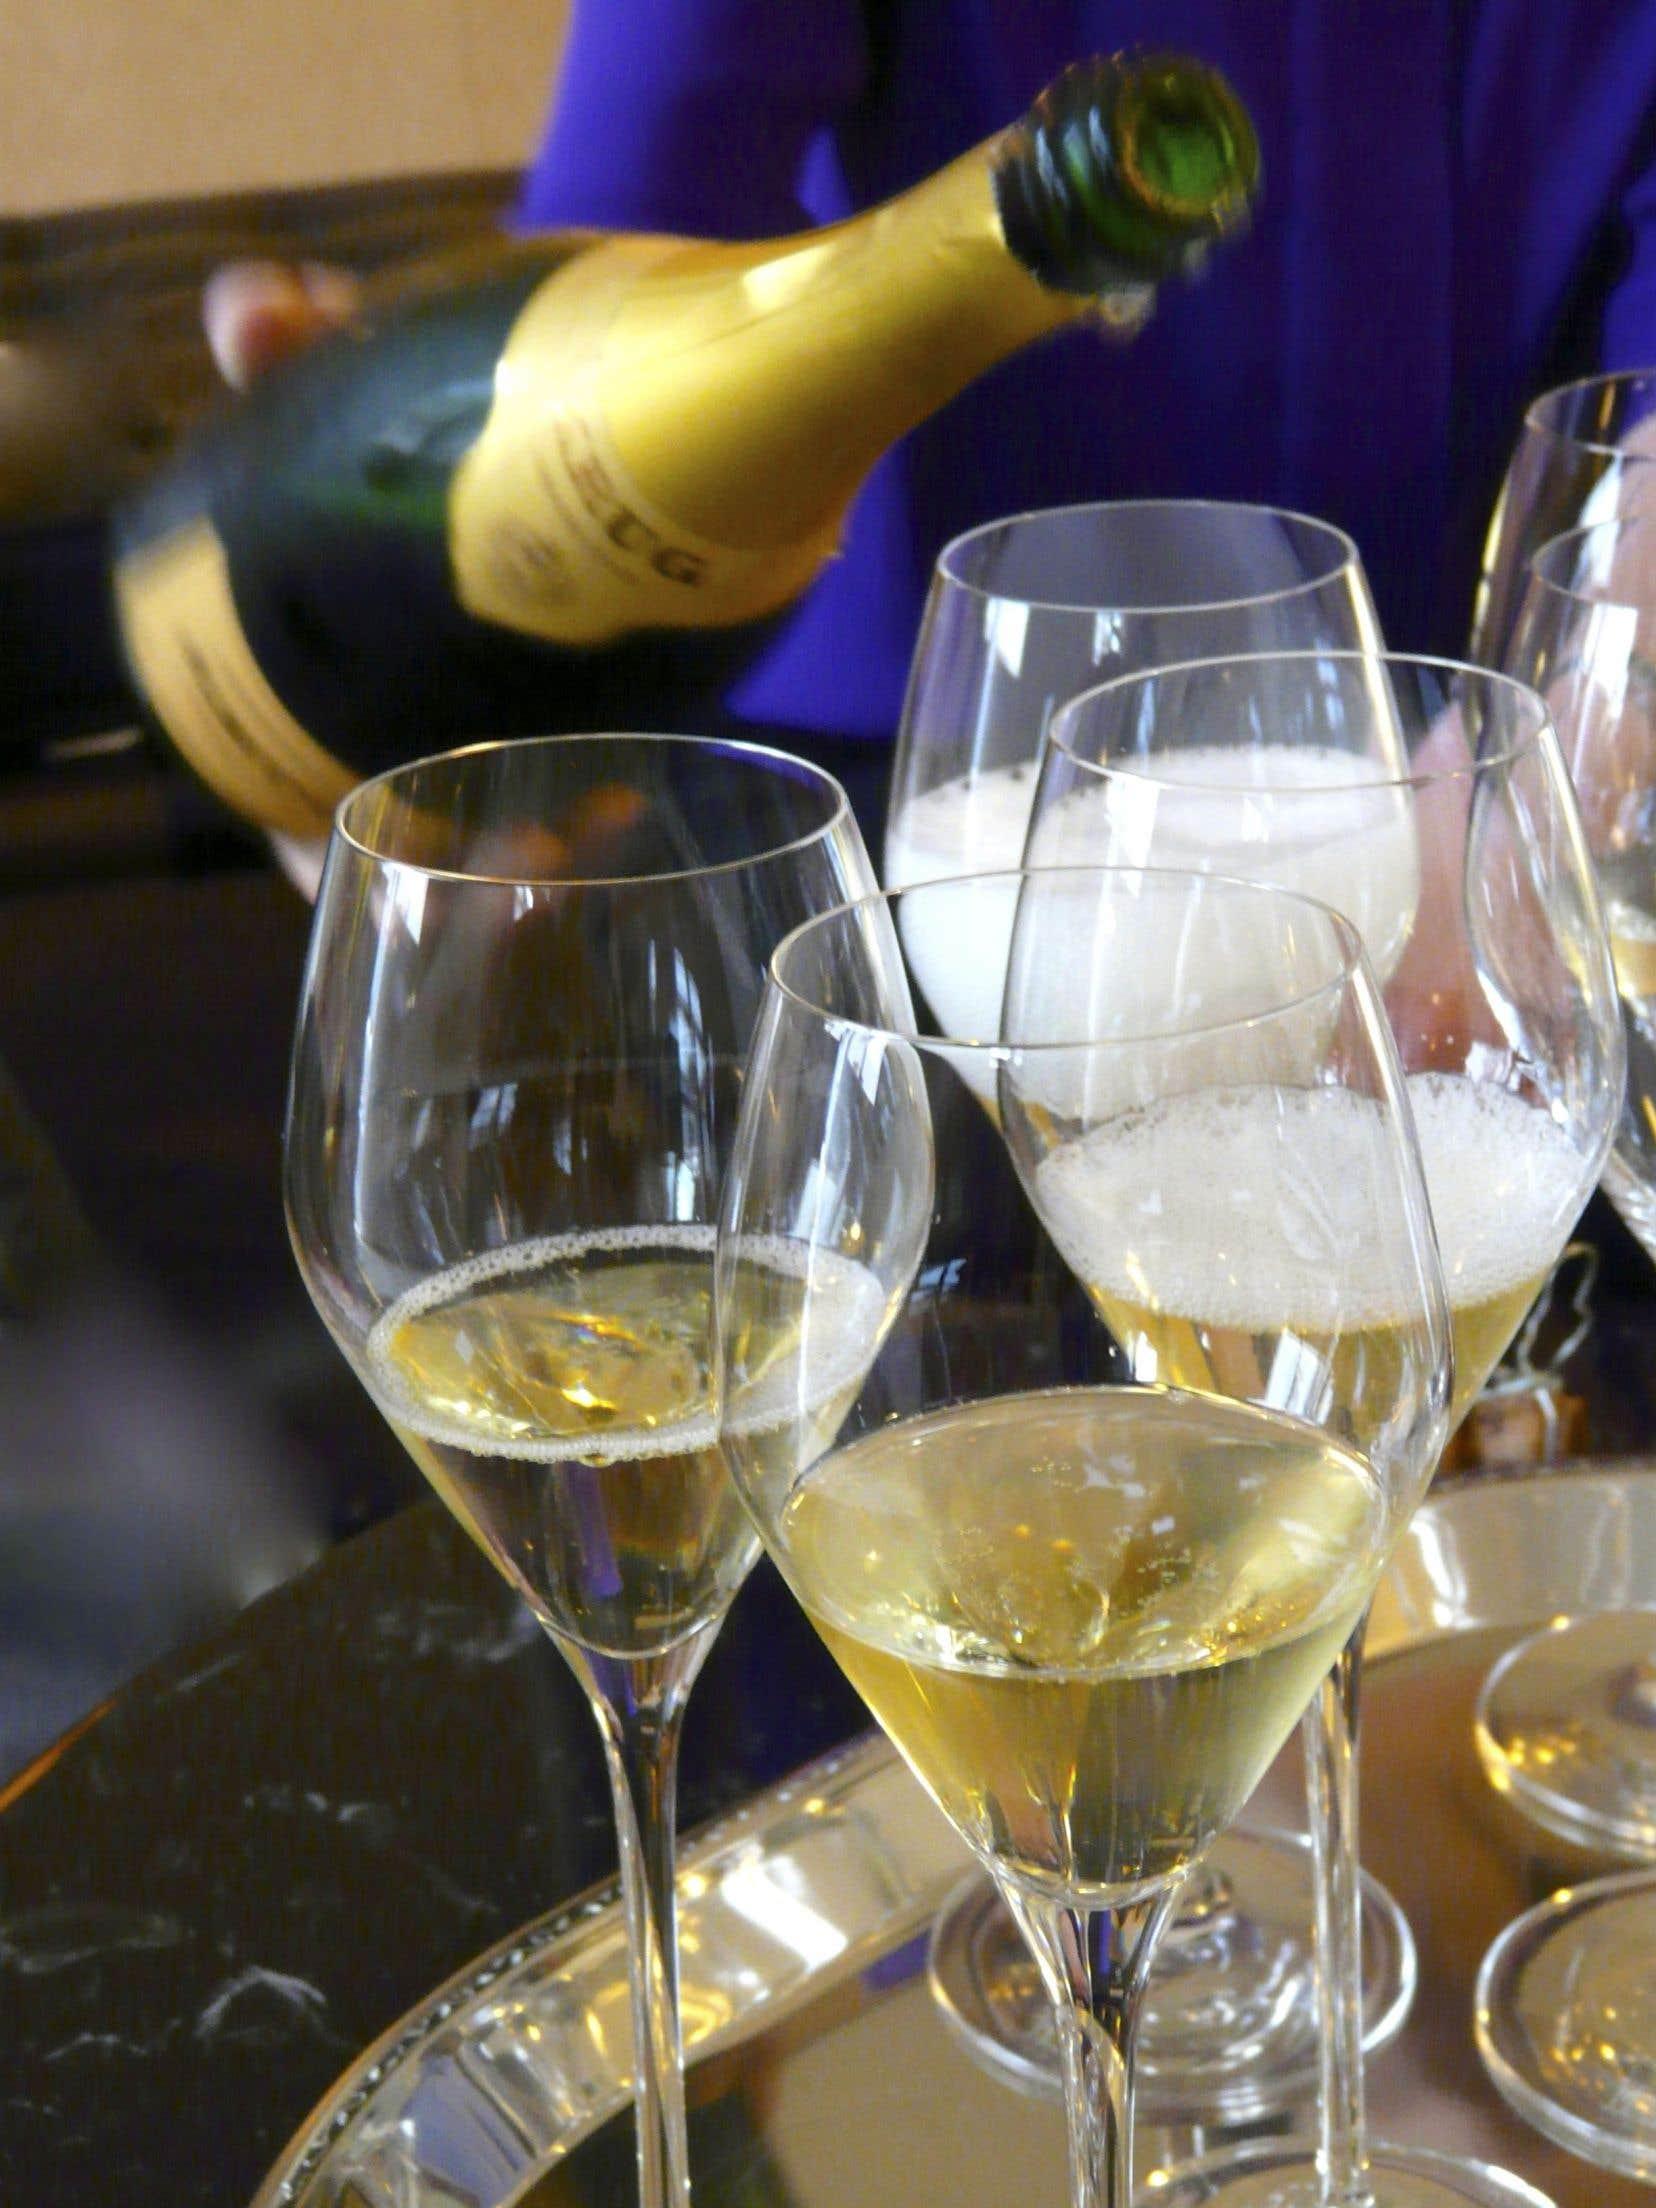 La Champagne roule sa bulle avec bonheur aux quatre coins ronds de la planète vin.